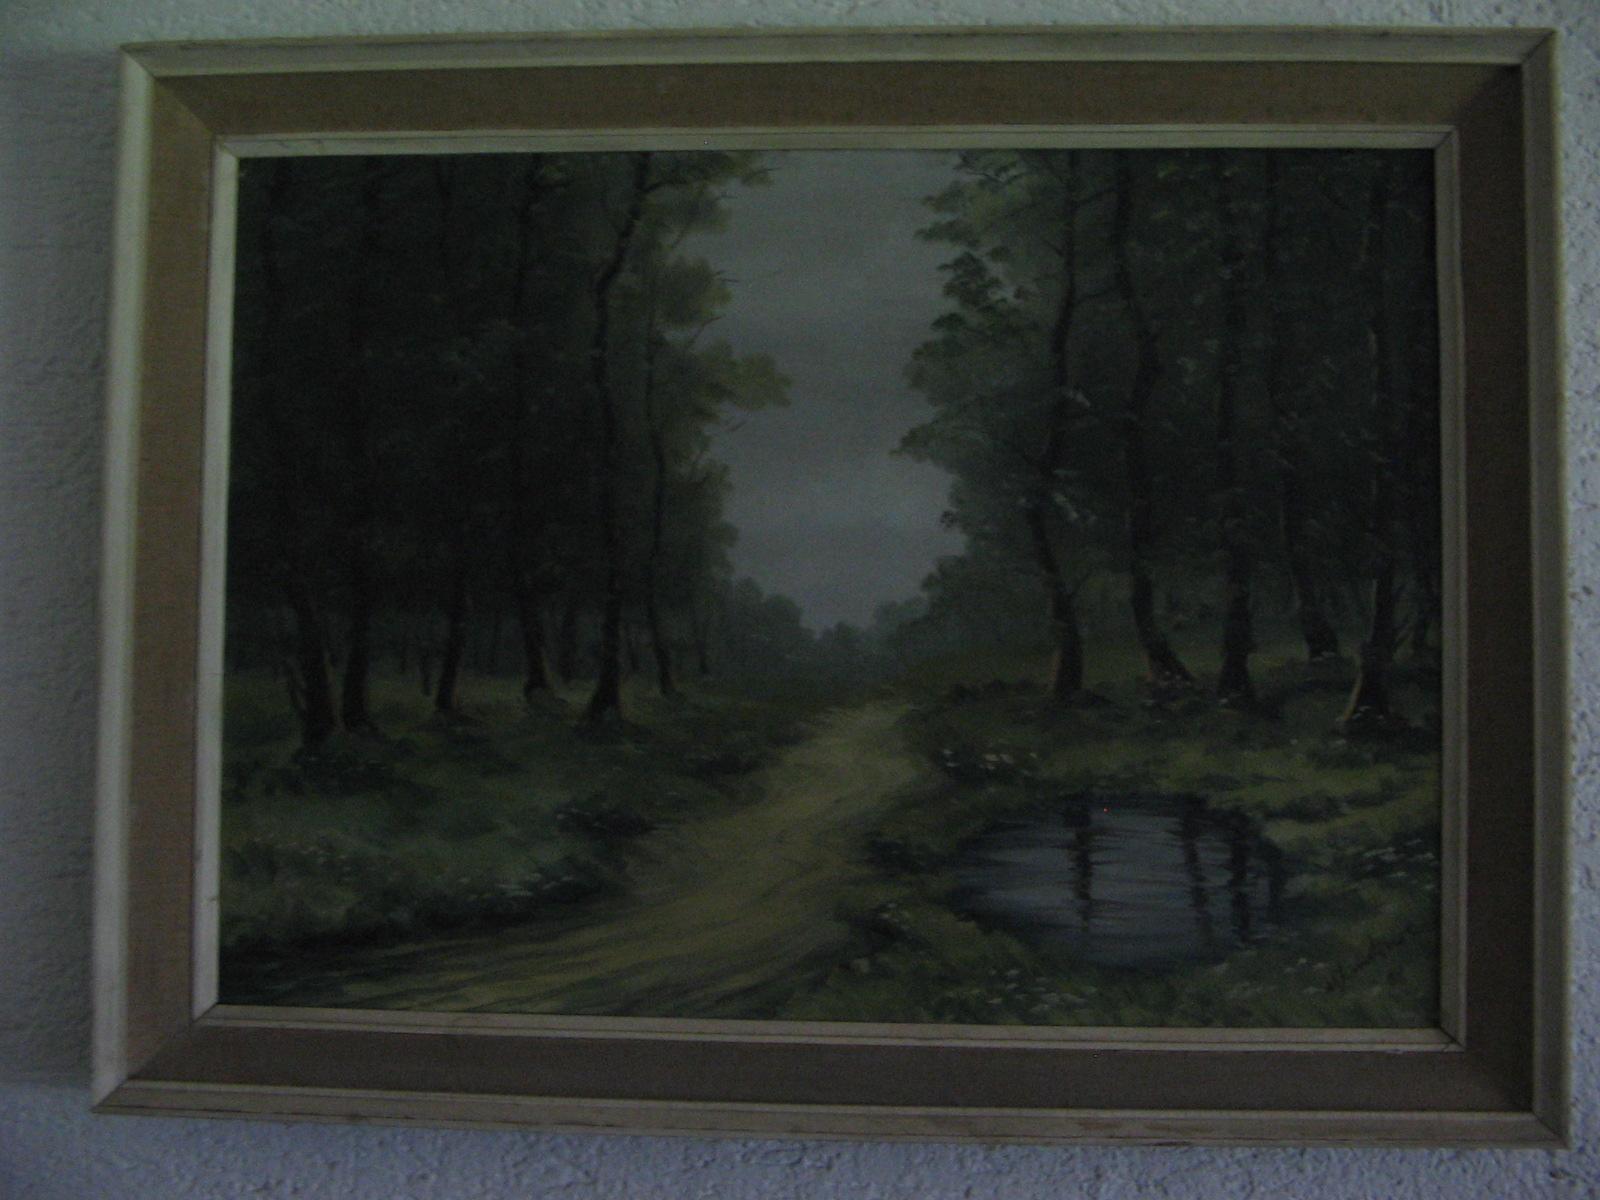 Slika, umetniška, original